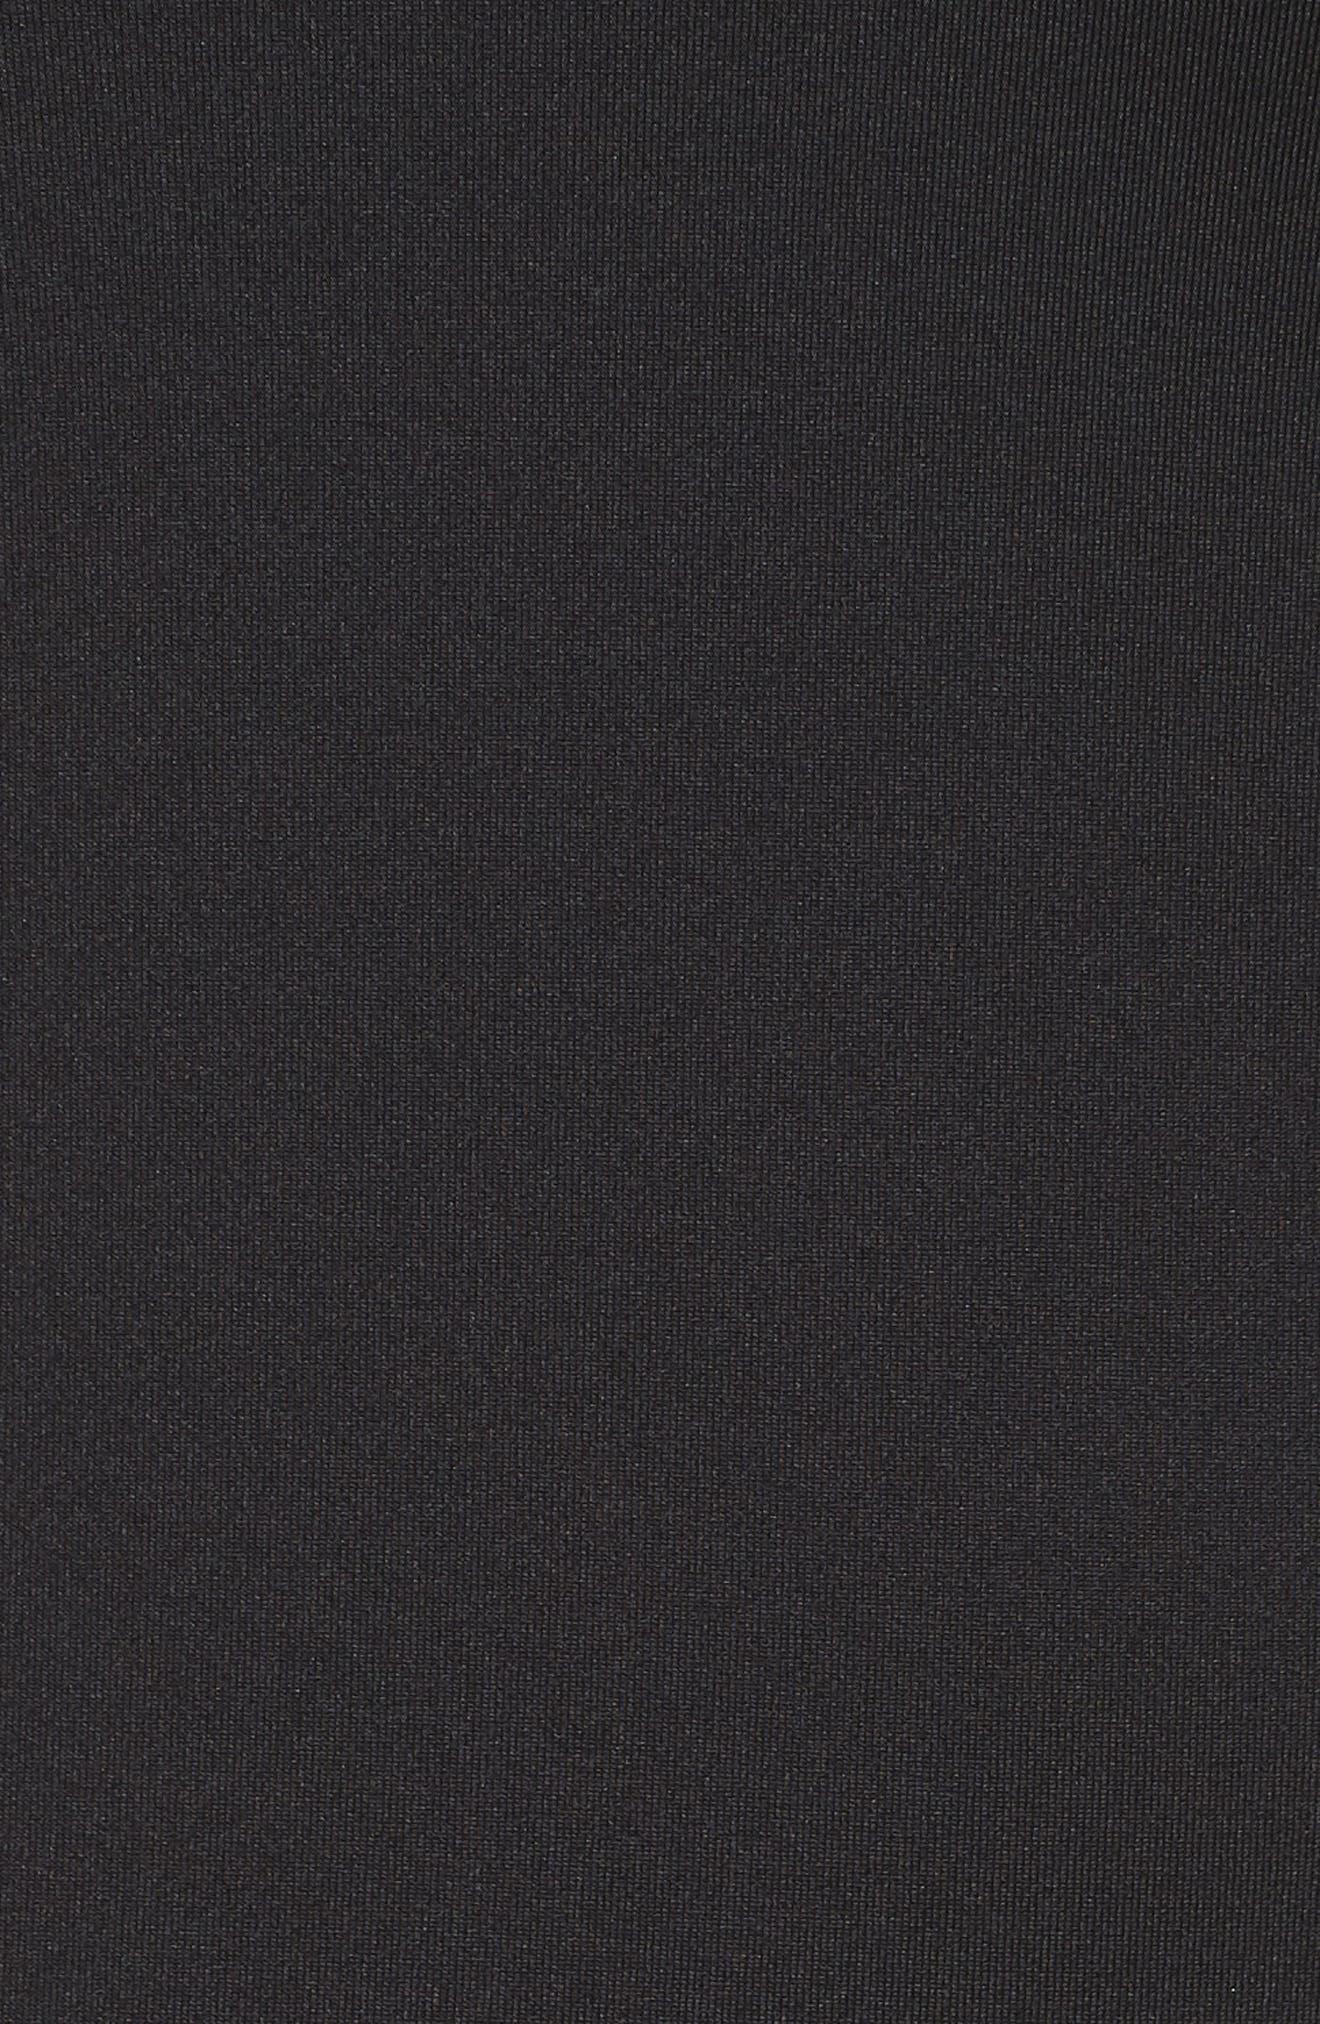 ZELLA, Realized Long Sleeve Tee, Alternate thumbnail 6, color, 001